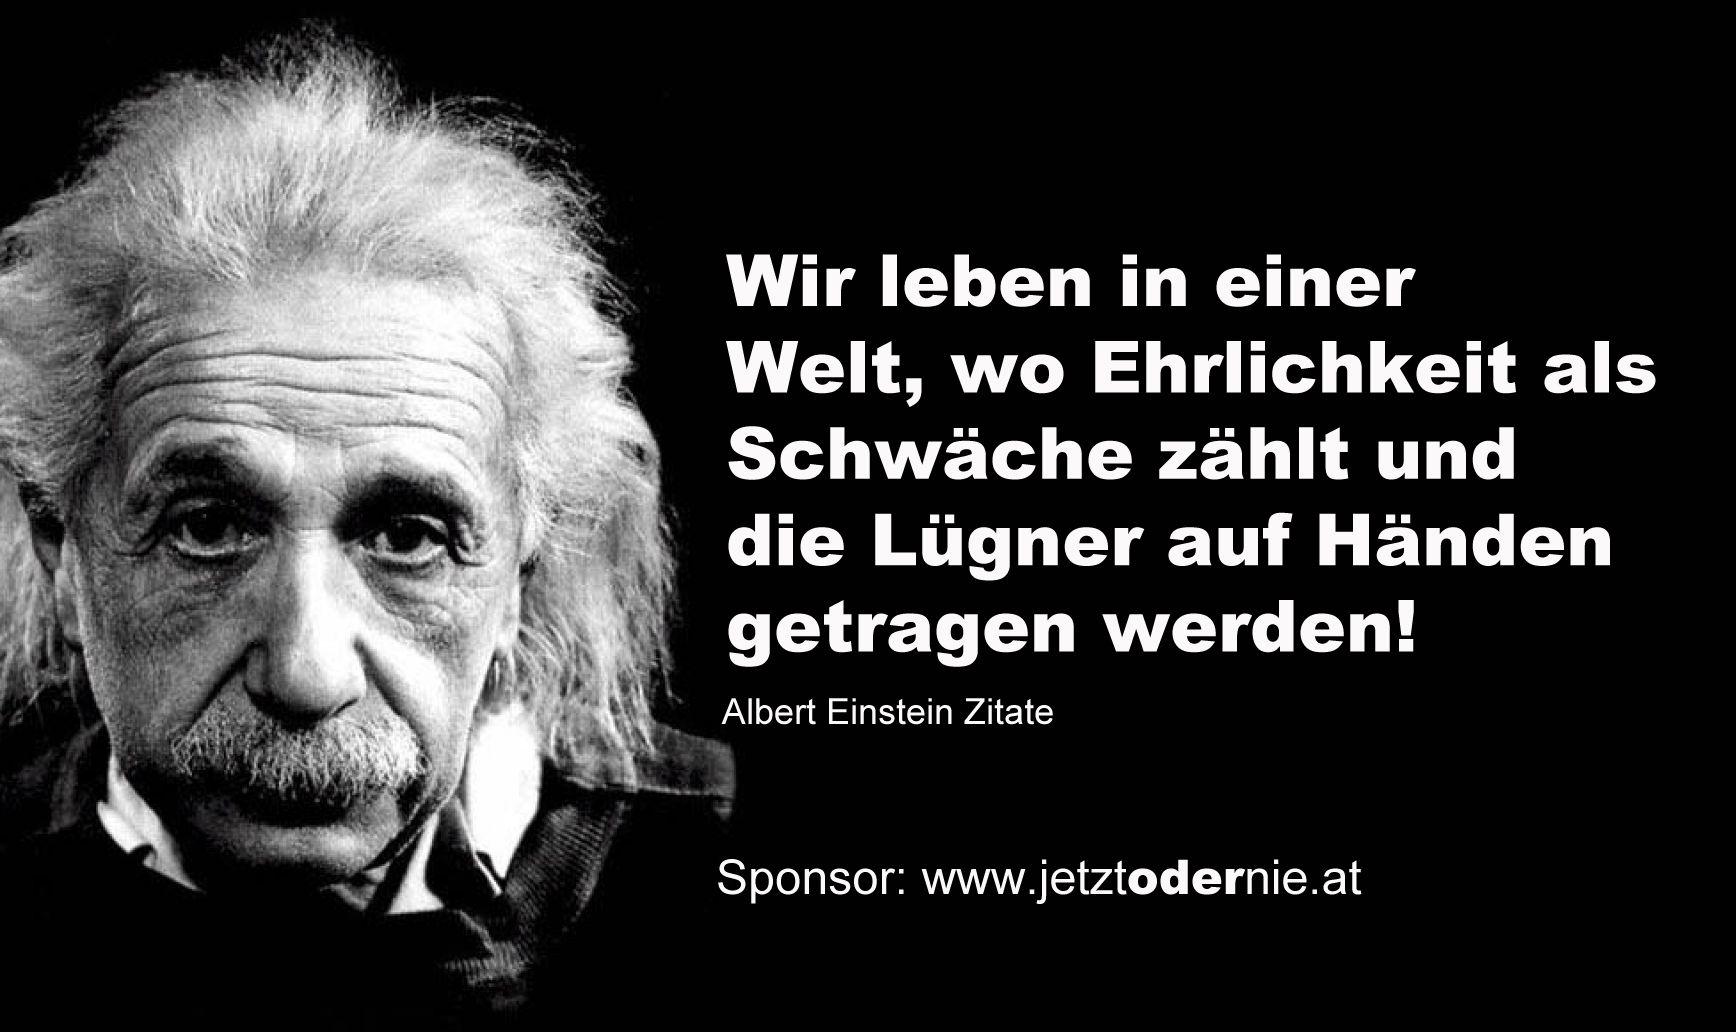 Albert Einstein Zitate Einstein Zitate Albert Einstein Zitate Zitate